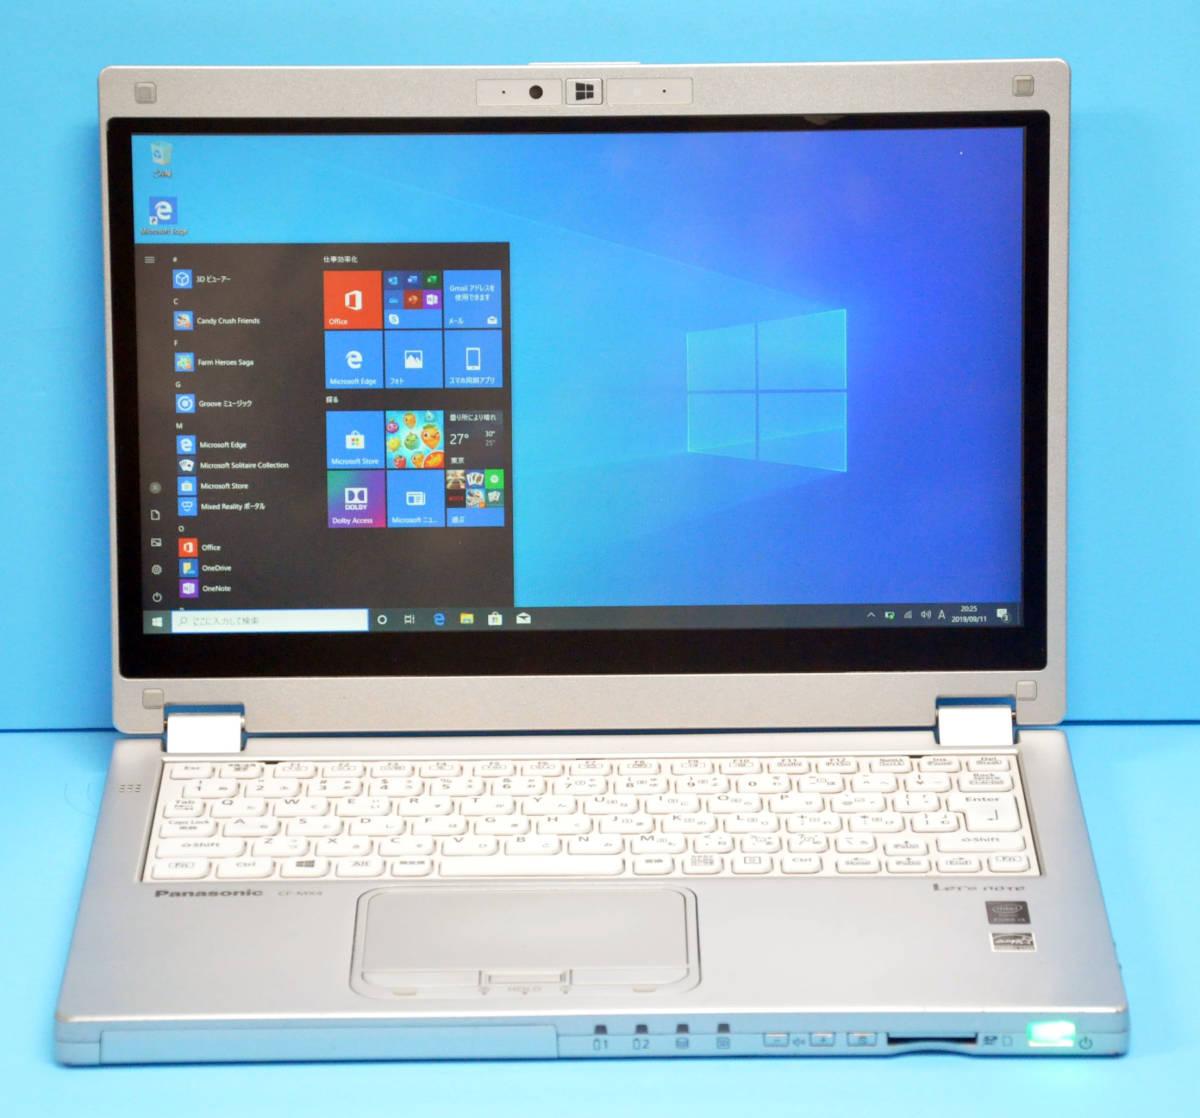 ♪ 良品 使用時間2000H ♪ フルHD タッチパネル Panasonic CF-MX4 Corei3 5010U / メモリ 4GB / SSD128GB / カメラ / Office2016 / Win10_画像7